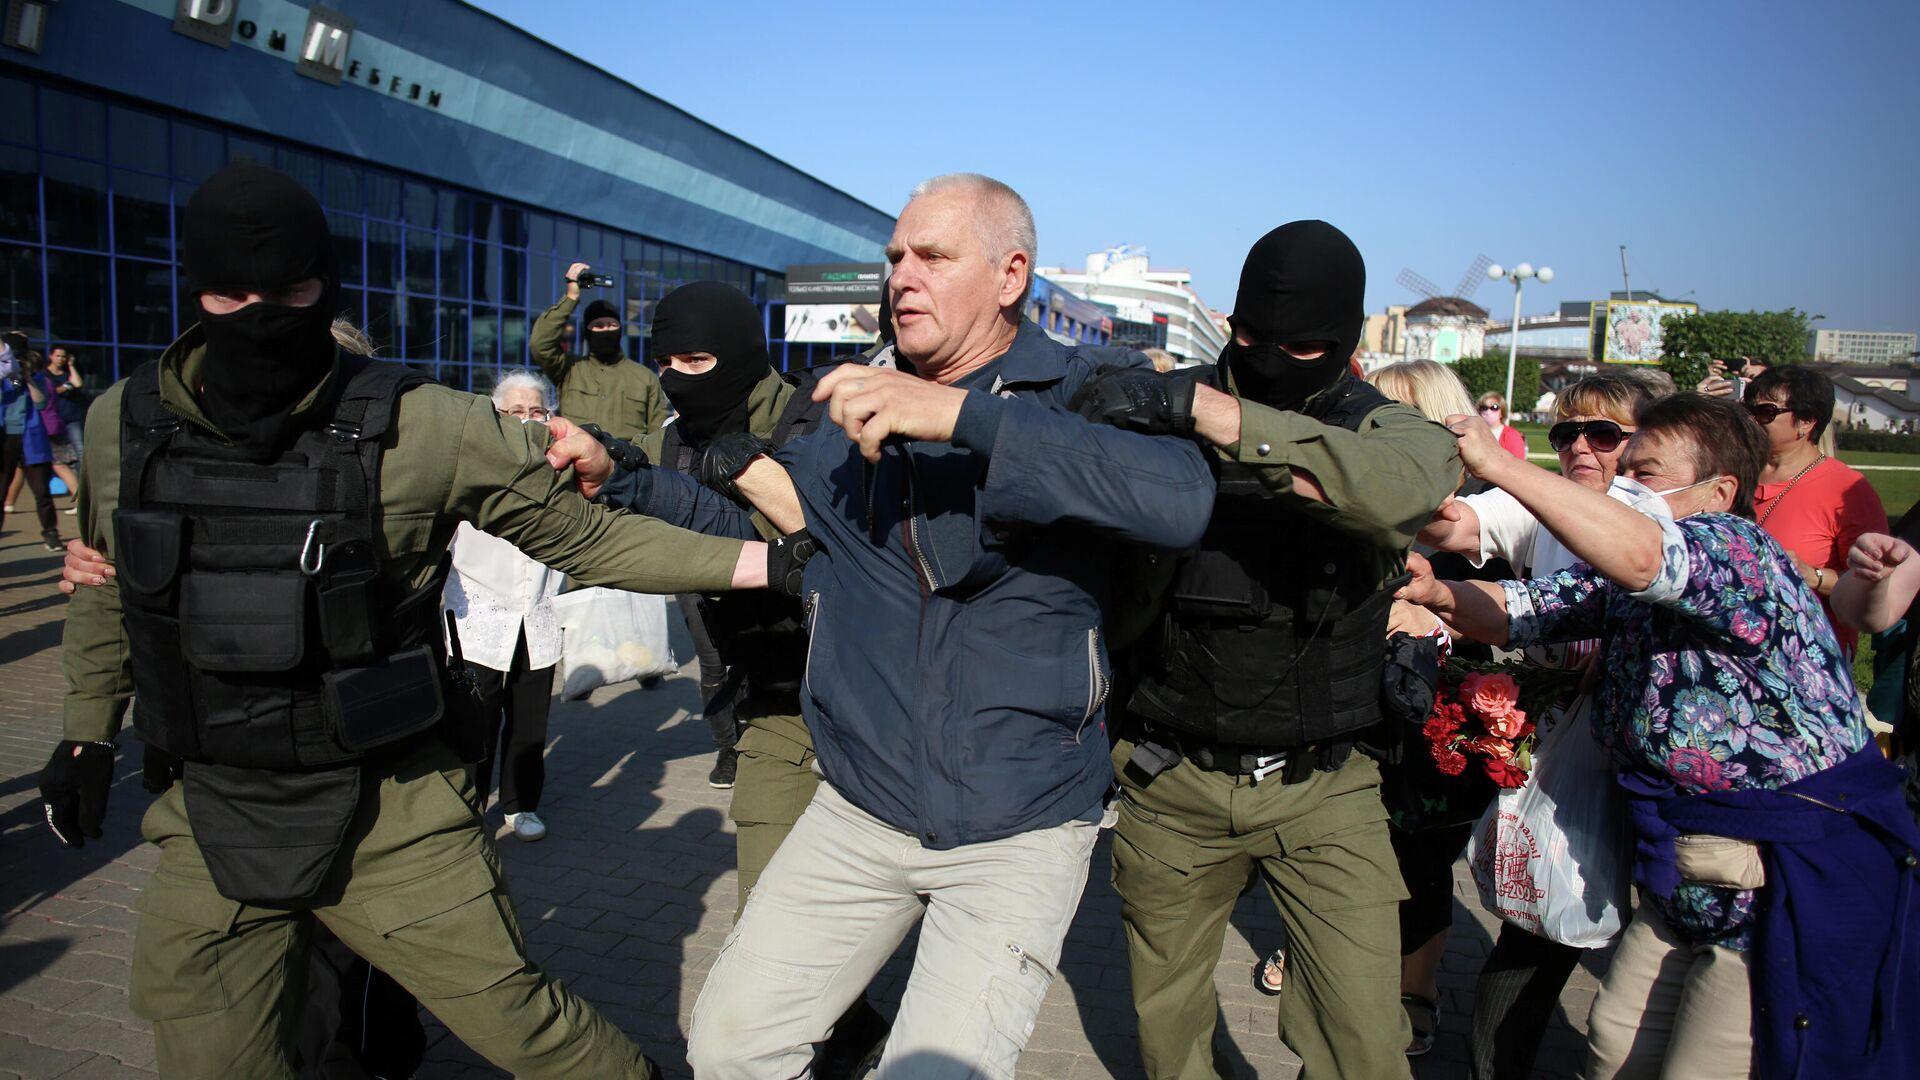 Сотрудники правоохранительных органов задерживают мужчину у во время митинга оппозиции в Минске - РИА Новости, 1920, 27.09.2020